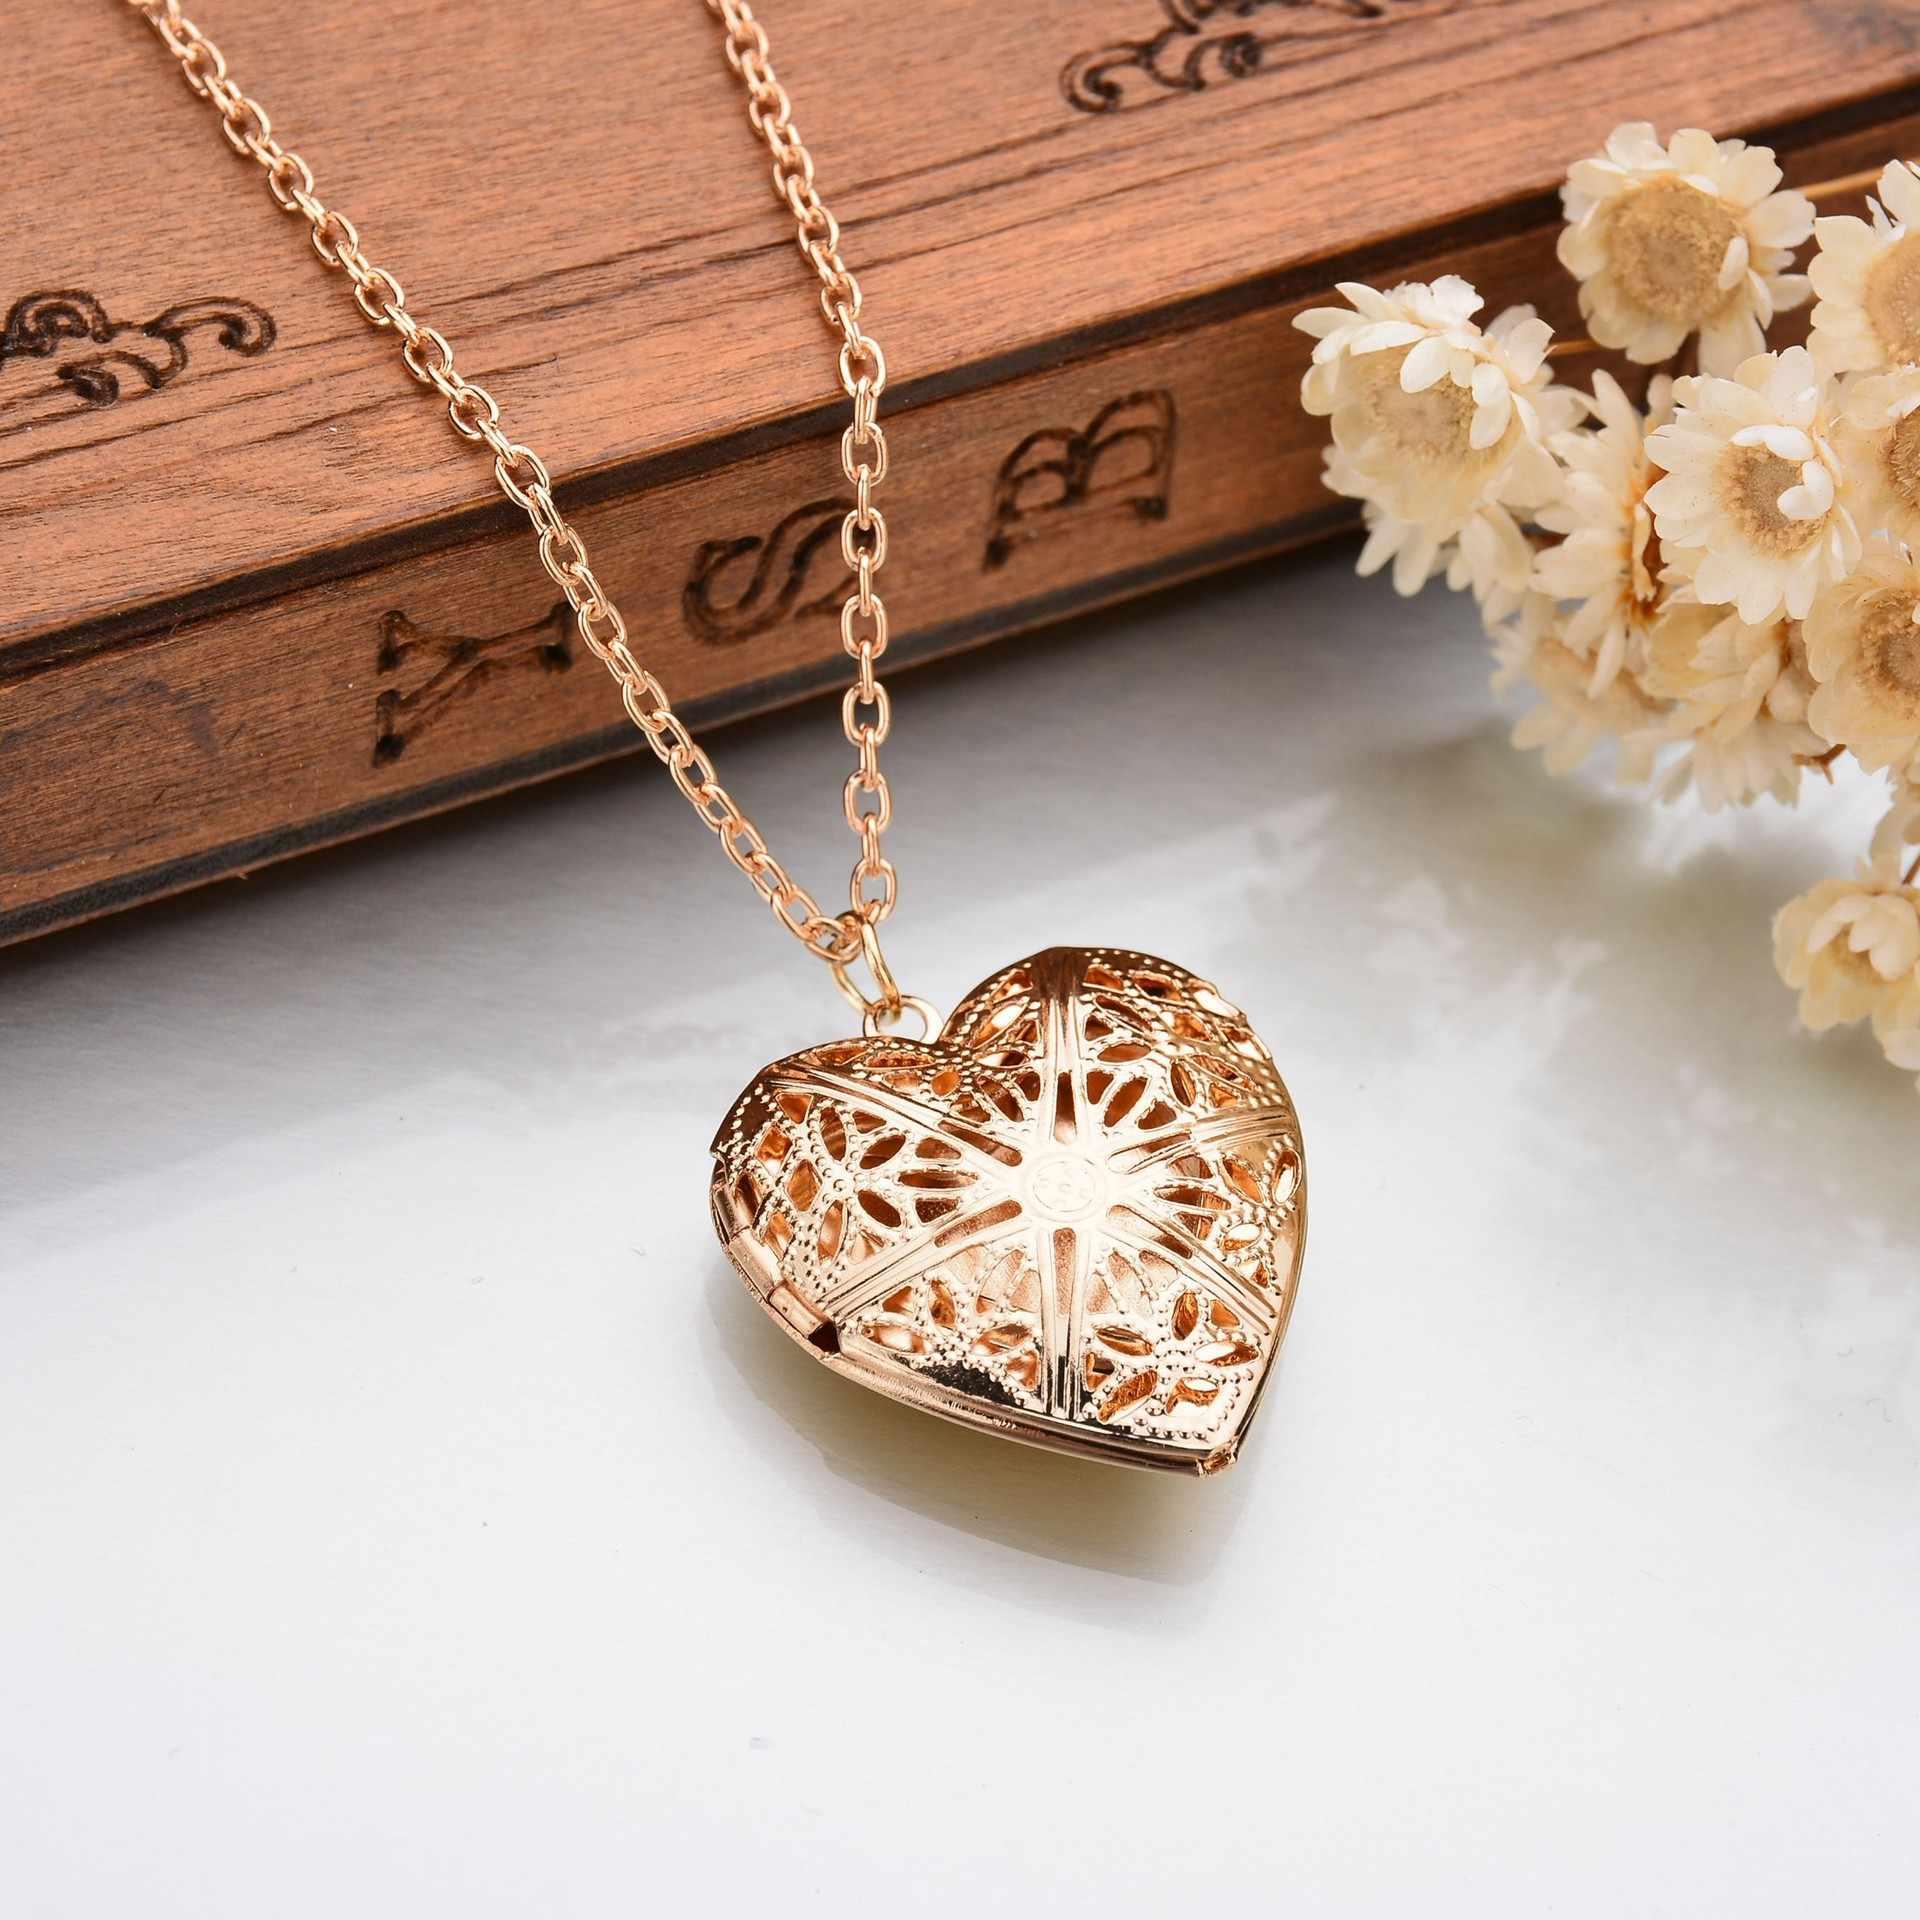 Кулон в форме сердца, Цепочки и ожерелья фаза, ювелирное изделие, романтика, Винтаж с изображением сердечка и розы кулон фото ожерелье с рамкой